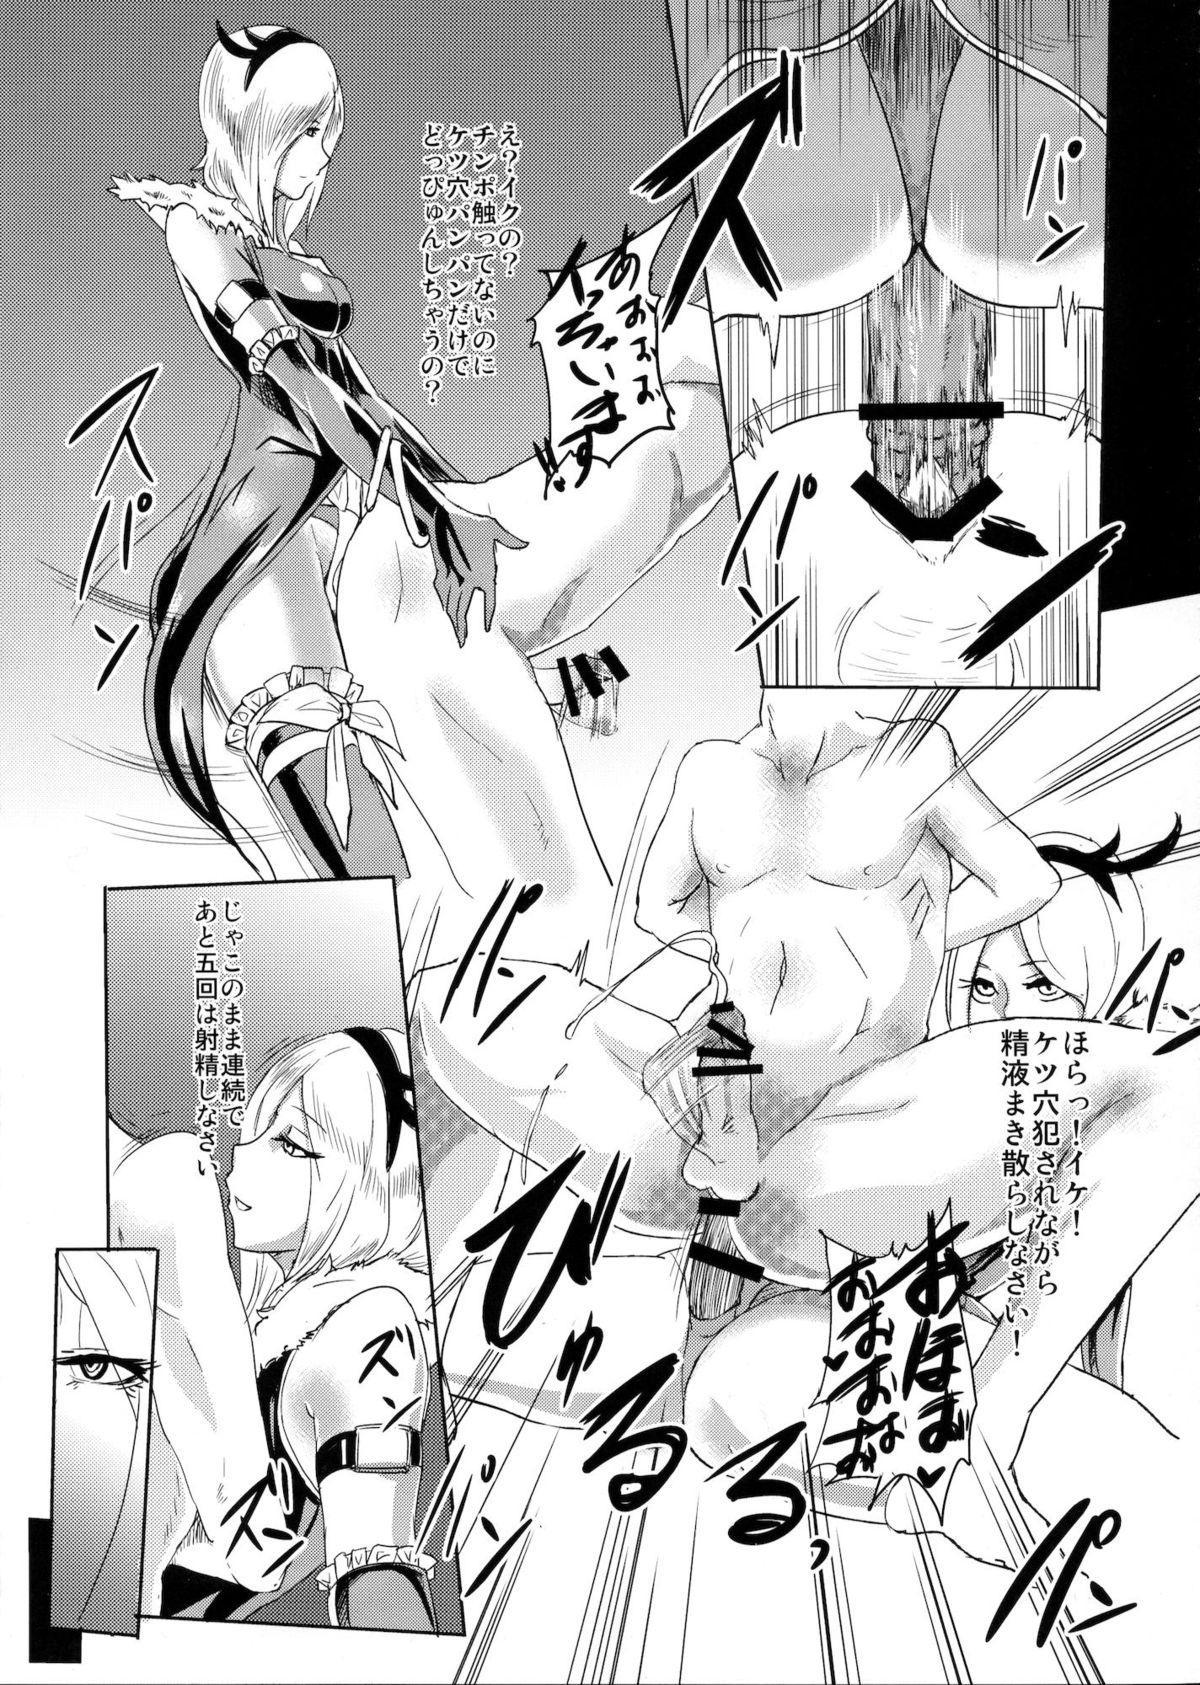 Eas-sama no Sakusei Jigoku 23